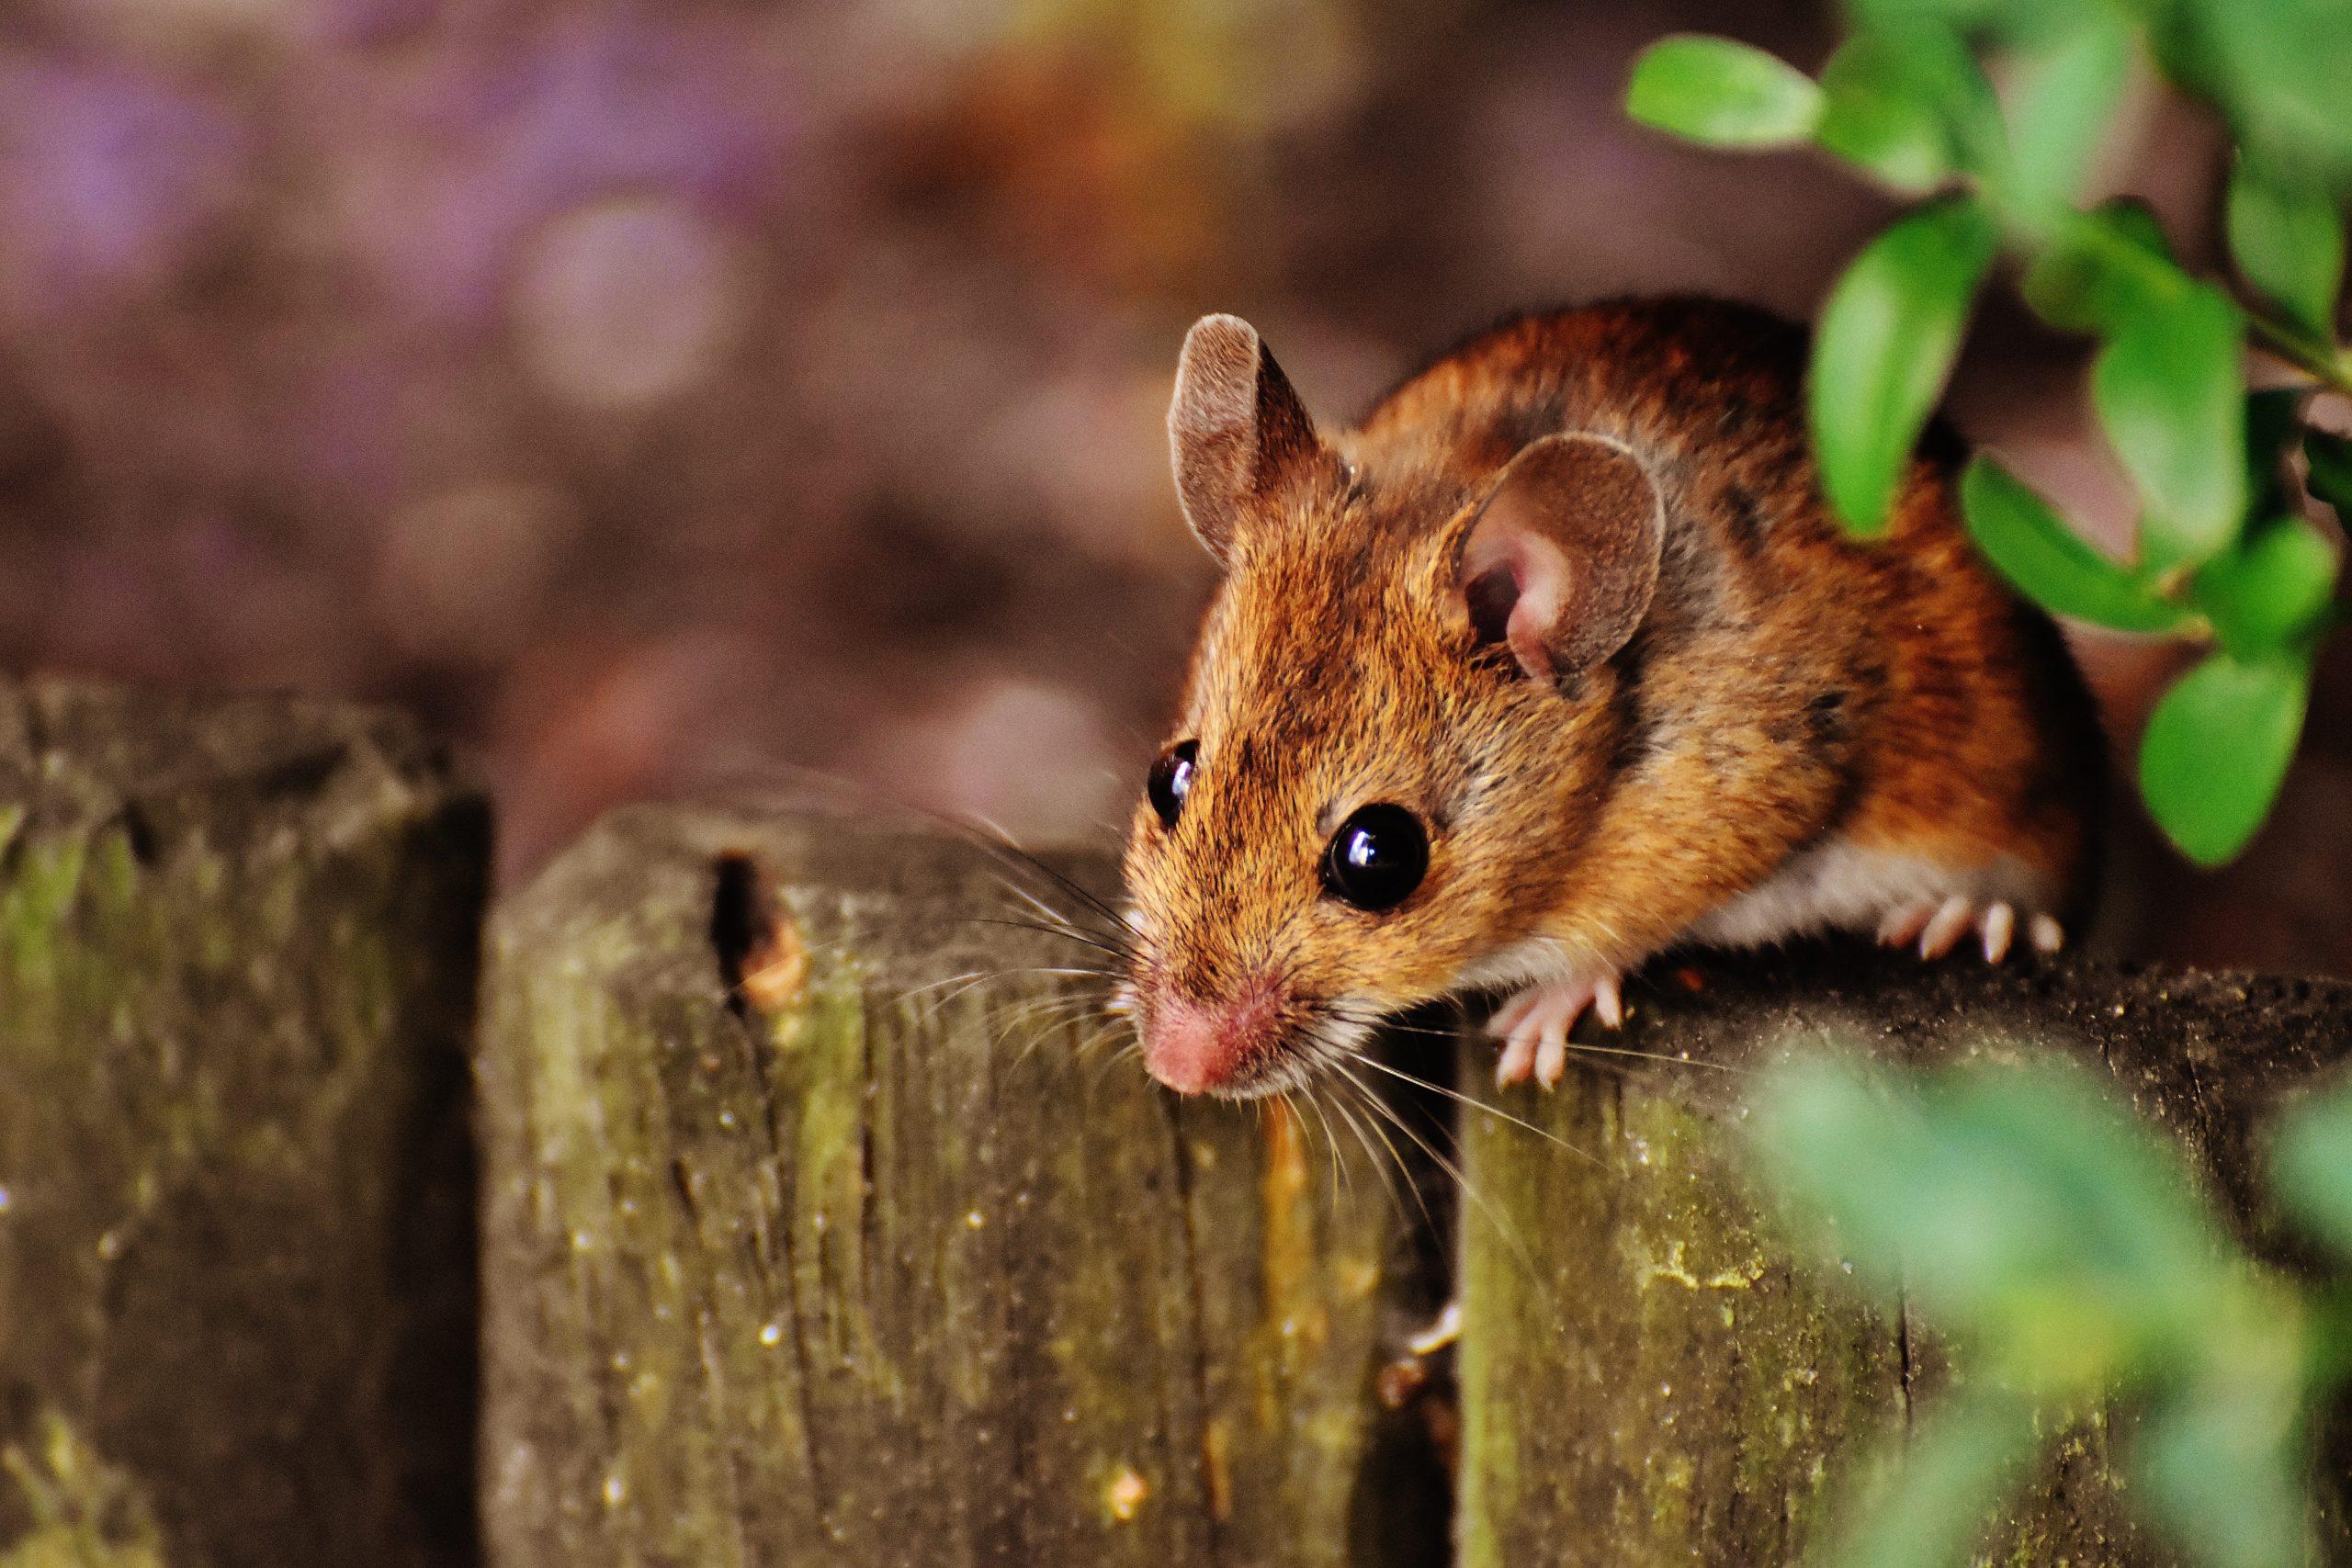 Myszy w domu i piwnicy? Co zrobić, aby się ich pozbyć? 1